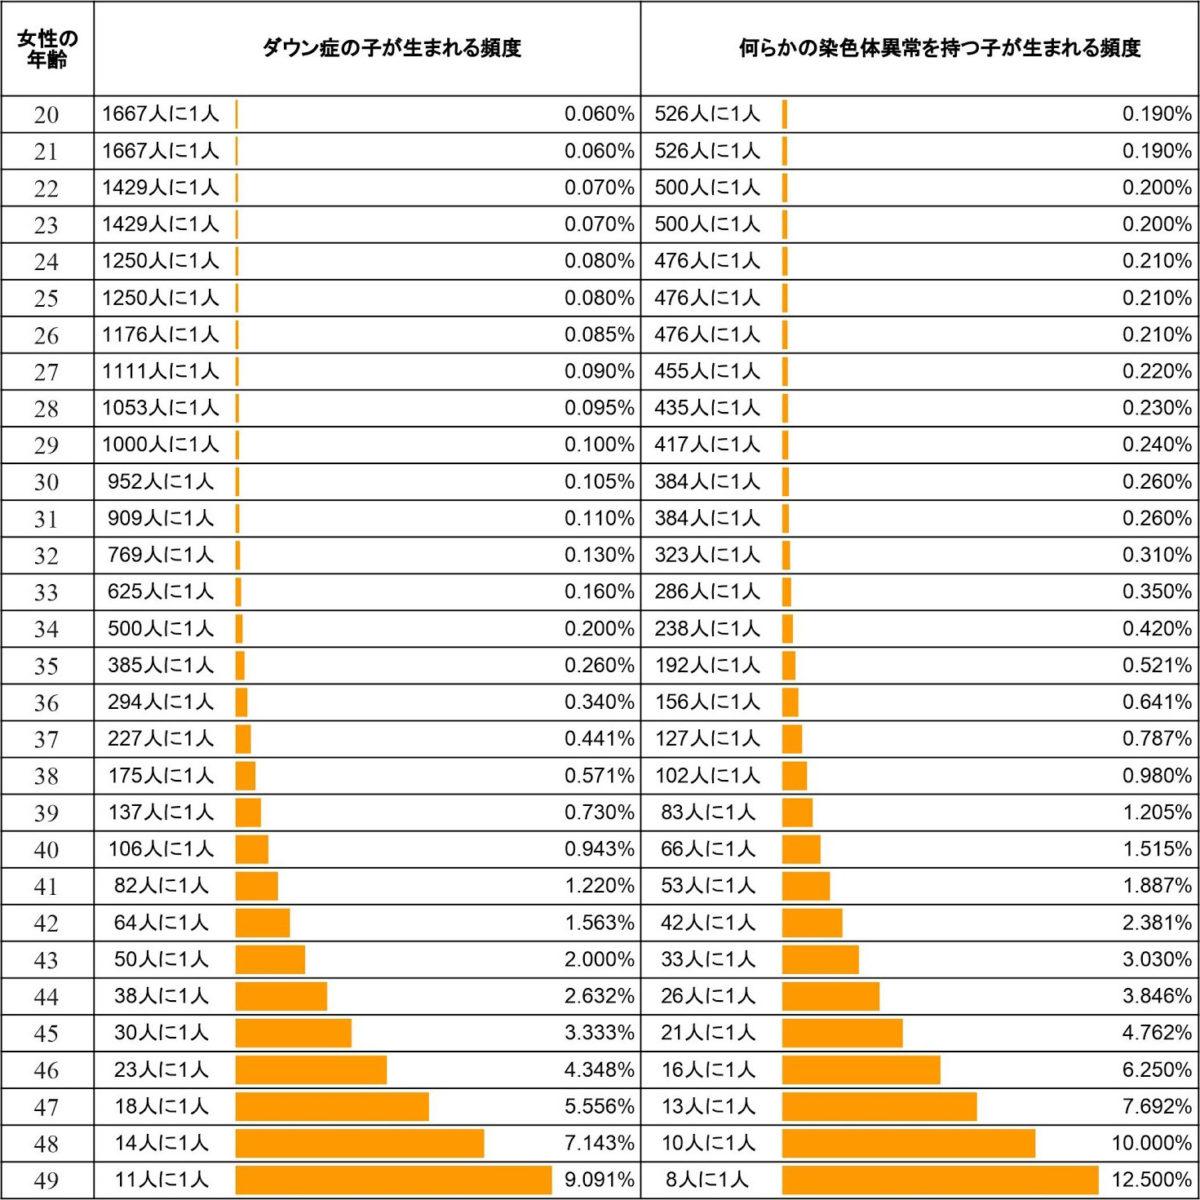 出生前診断を受ける割合は? - 新型出生前診断 NIPT Japan